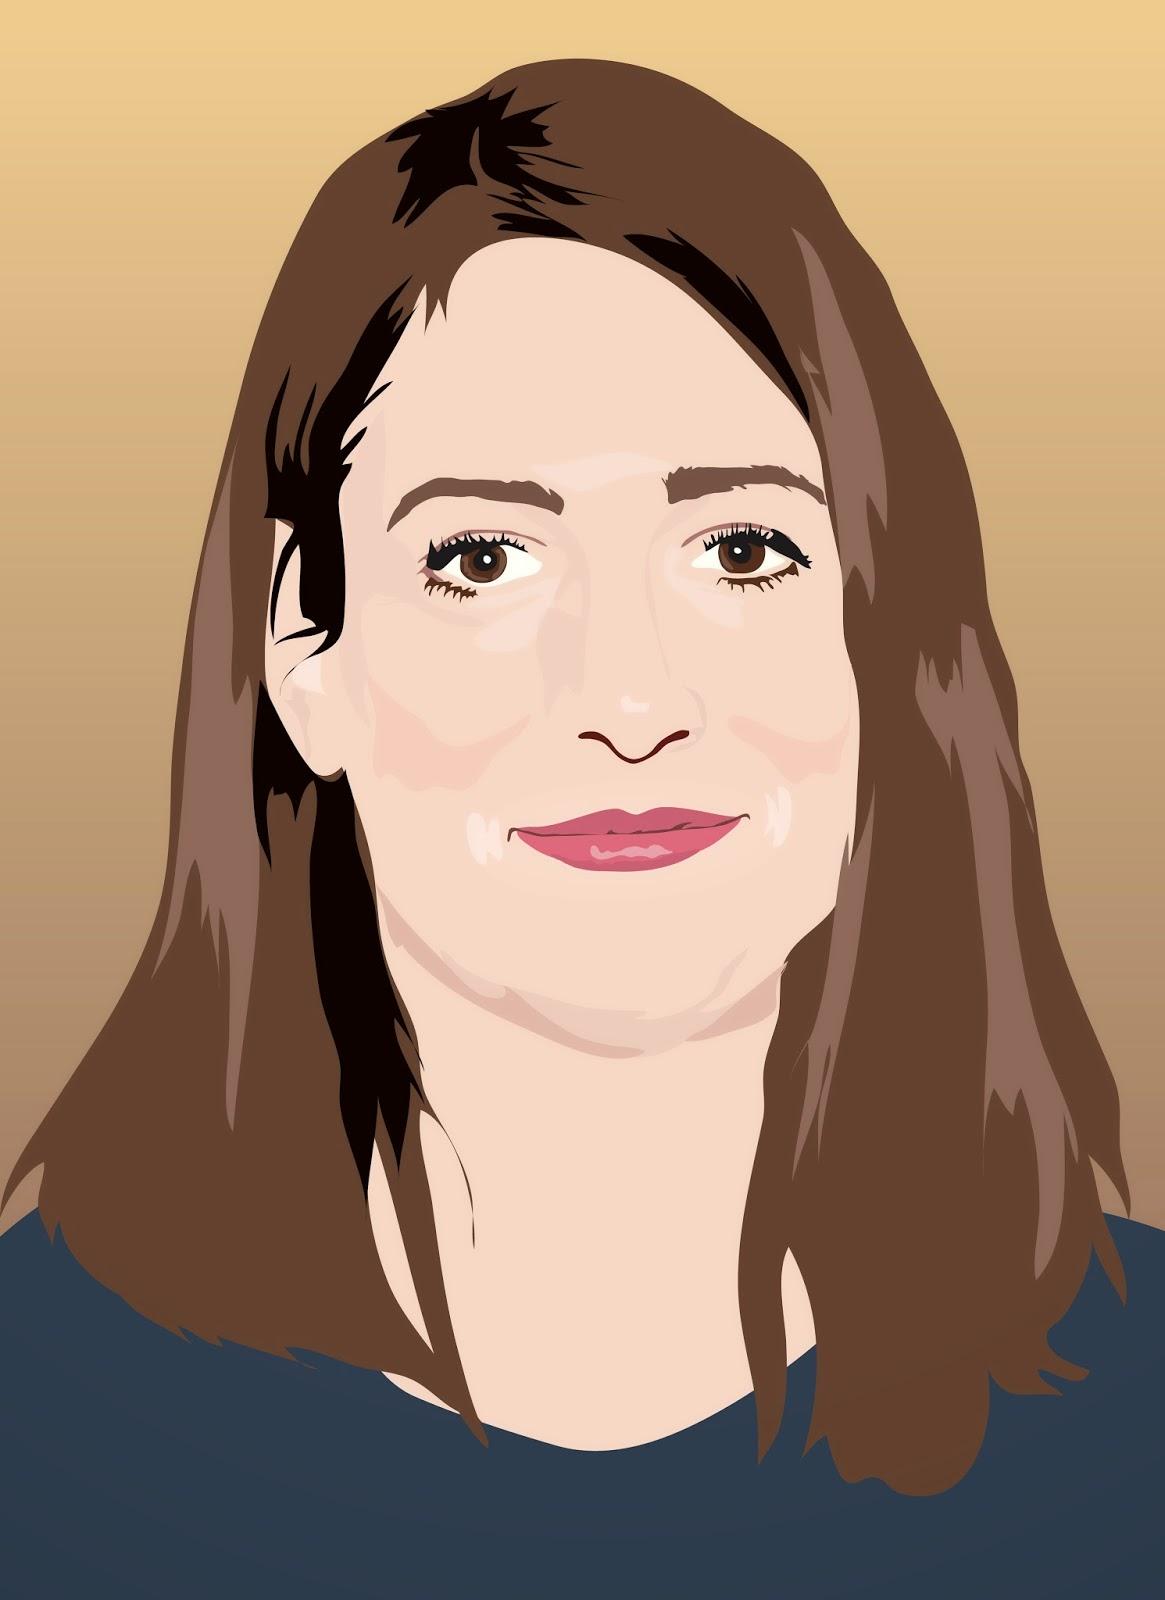 gillian-flynn-face, gillian-flynn-author, gillian-flynn-portrait